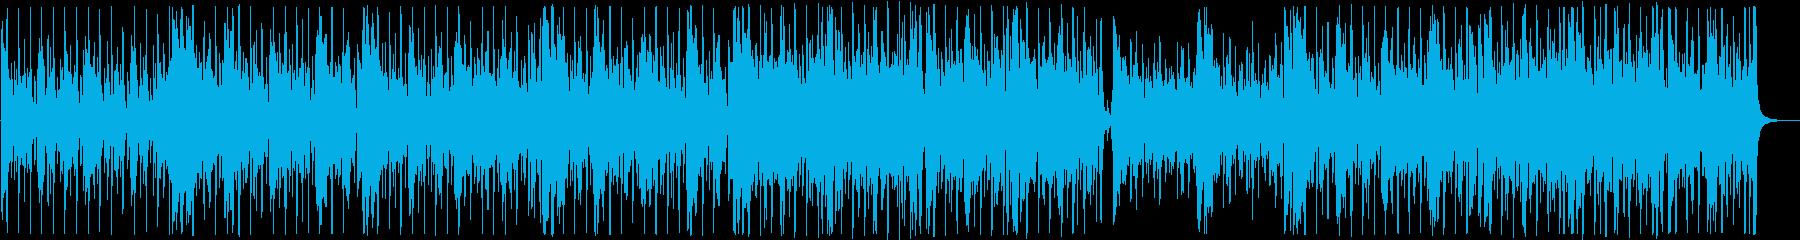 アダルトなファンク:コーラスとギター抜きの再生済みの波形